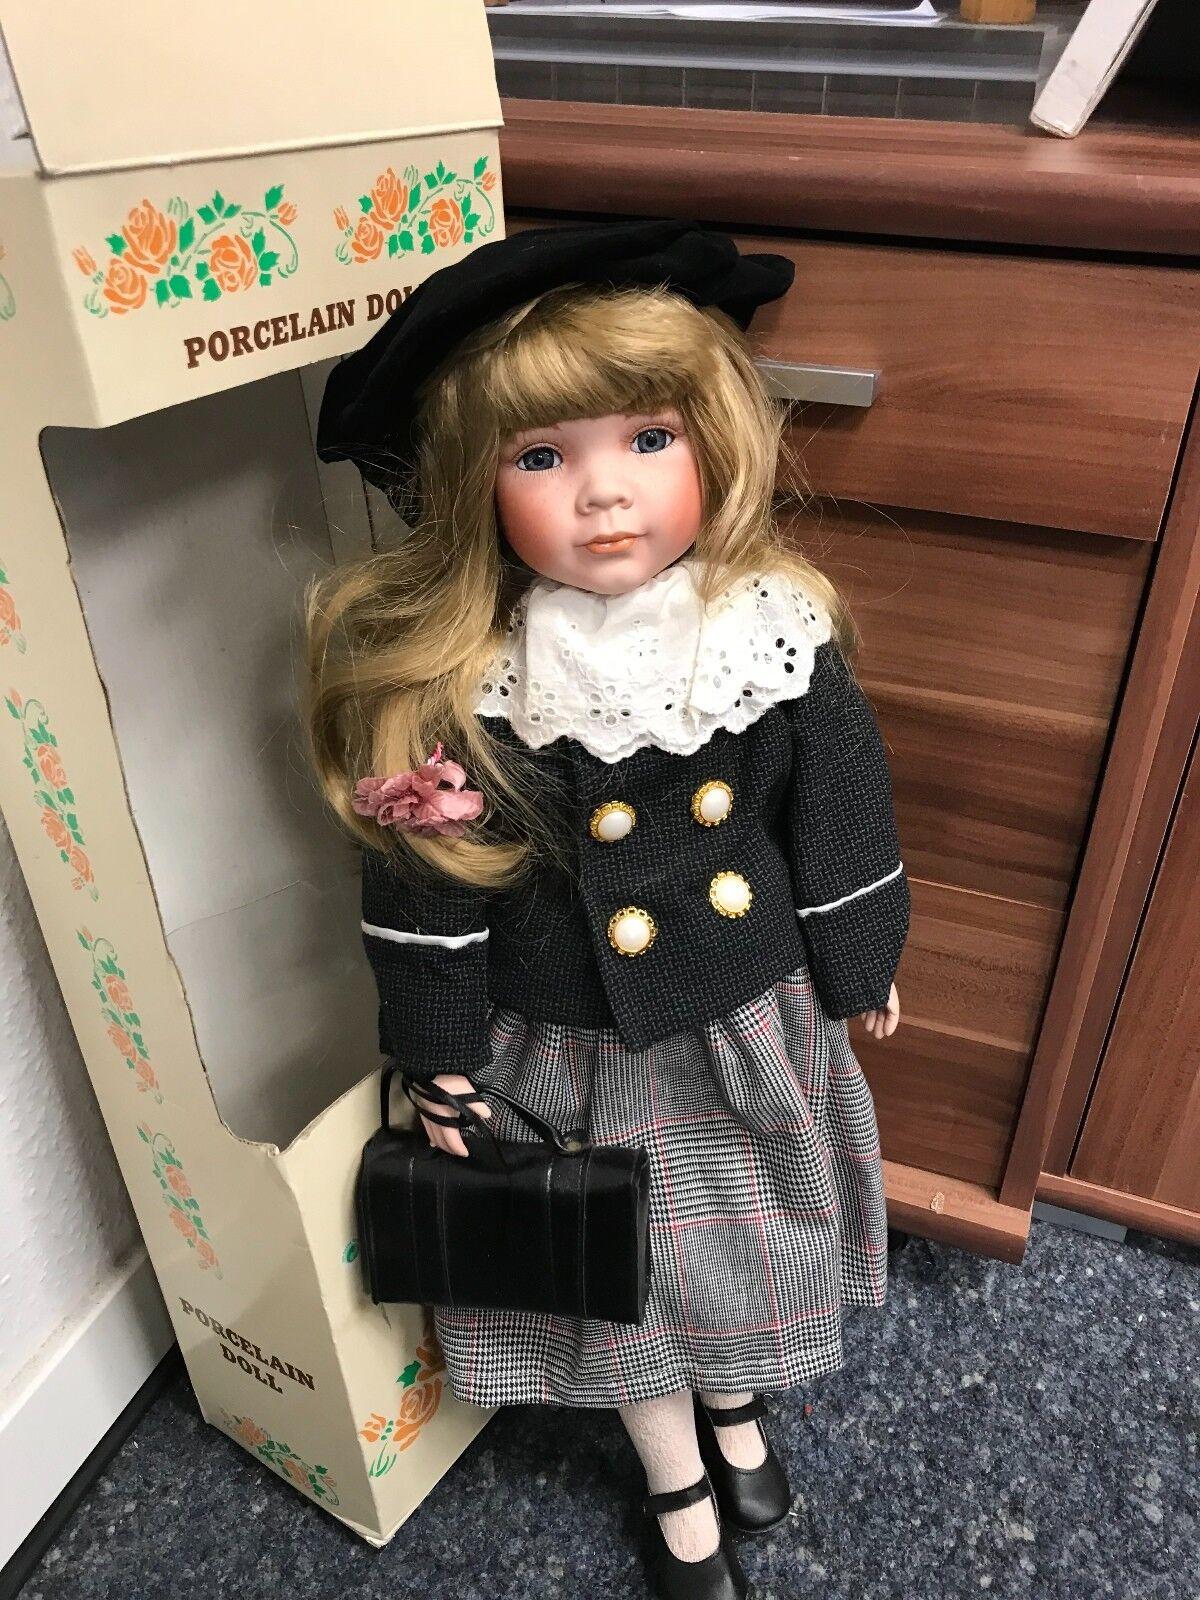 Porcellana Bambola D'Autore Bambola 55 Cm. Condizioni Top